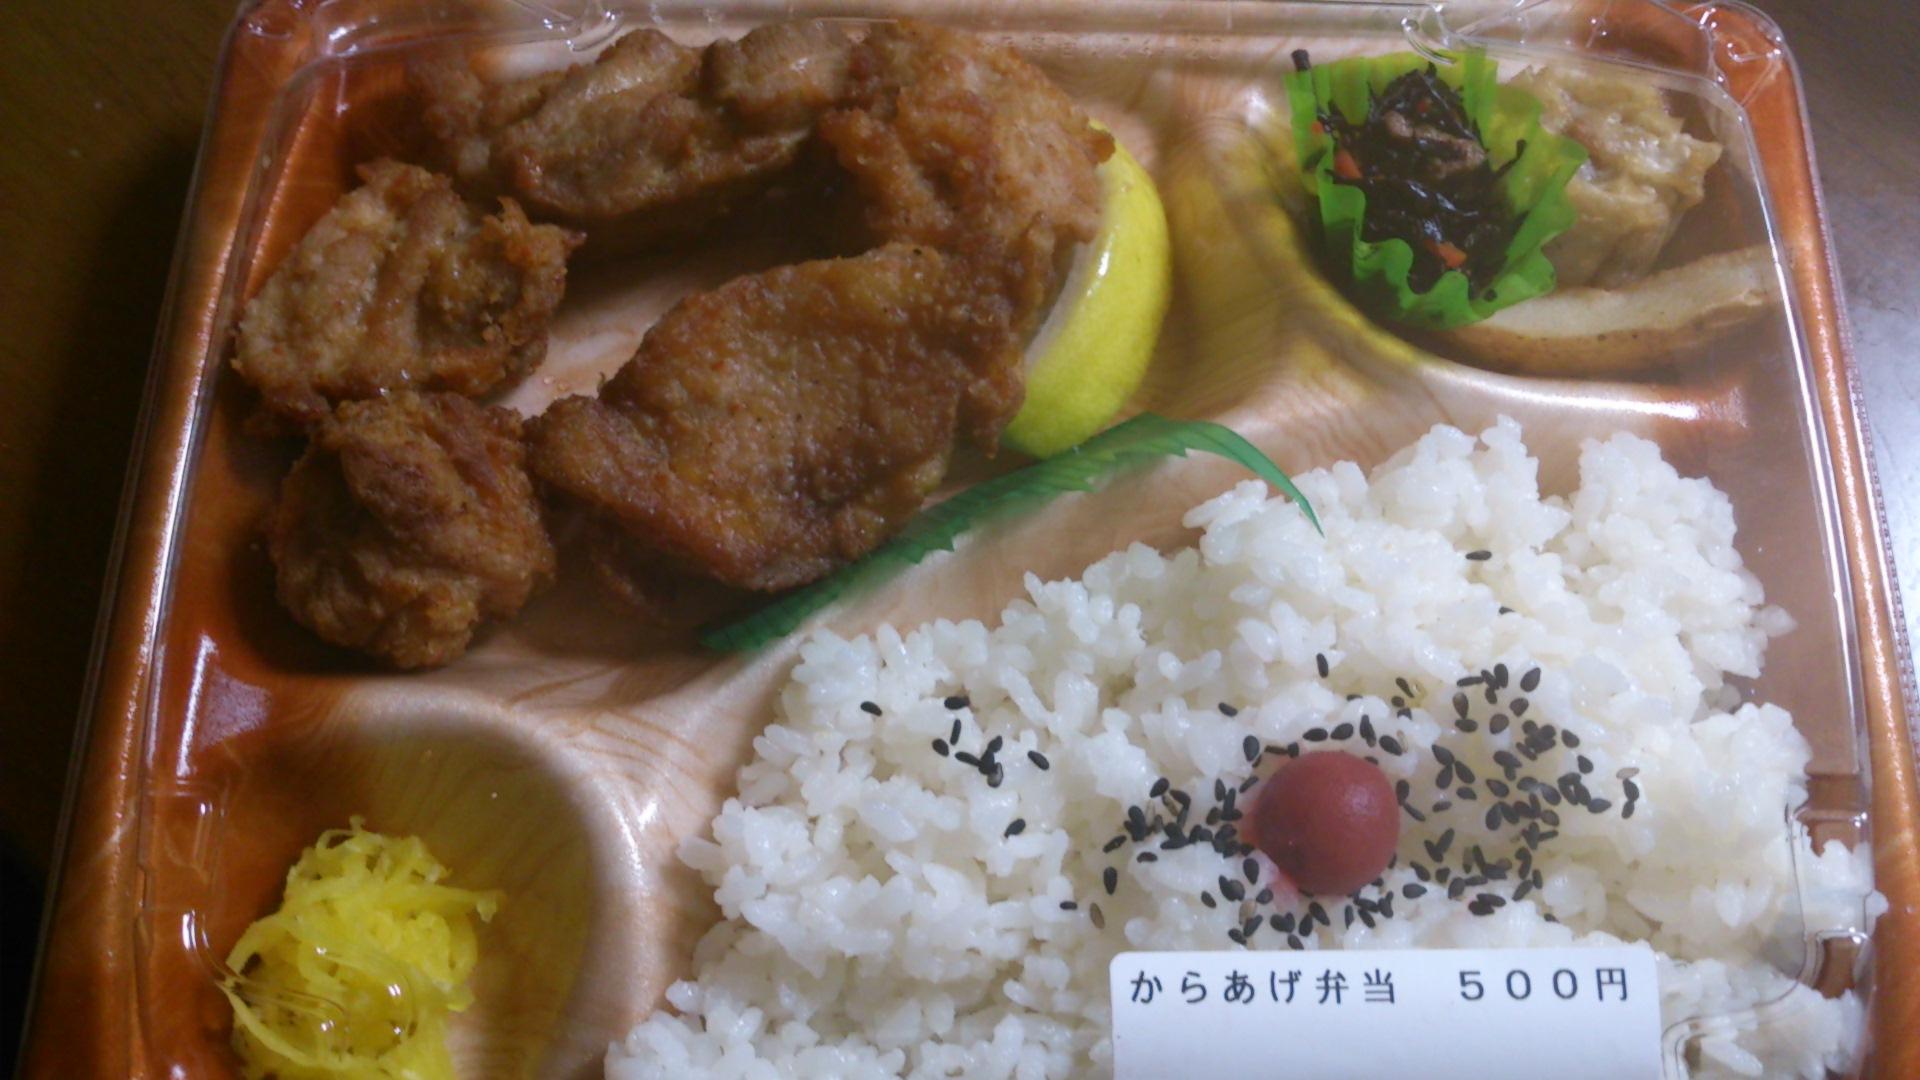 鳥ぷろ イオンモール大阪ドームシティ店